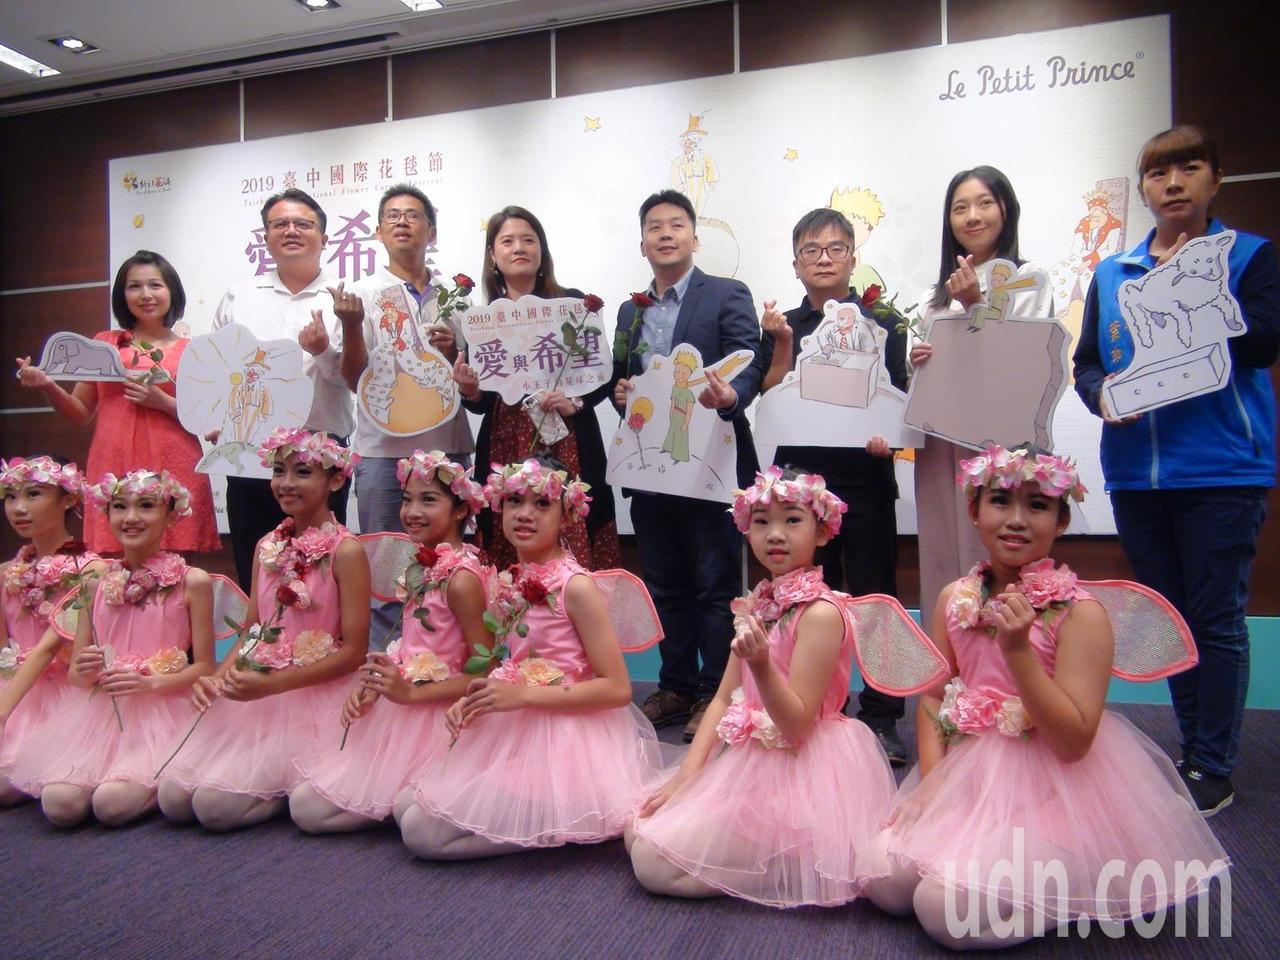 睽違3年,今年台中國際花毯節重回新社舉辦,11月9日至12月1日登場為期23天,...